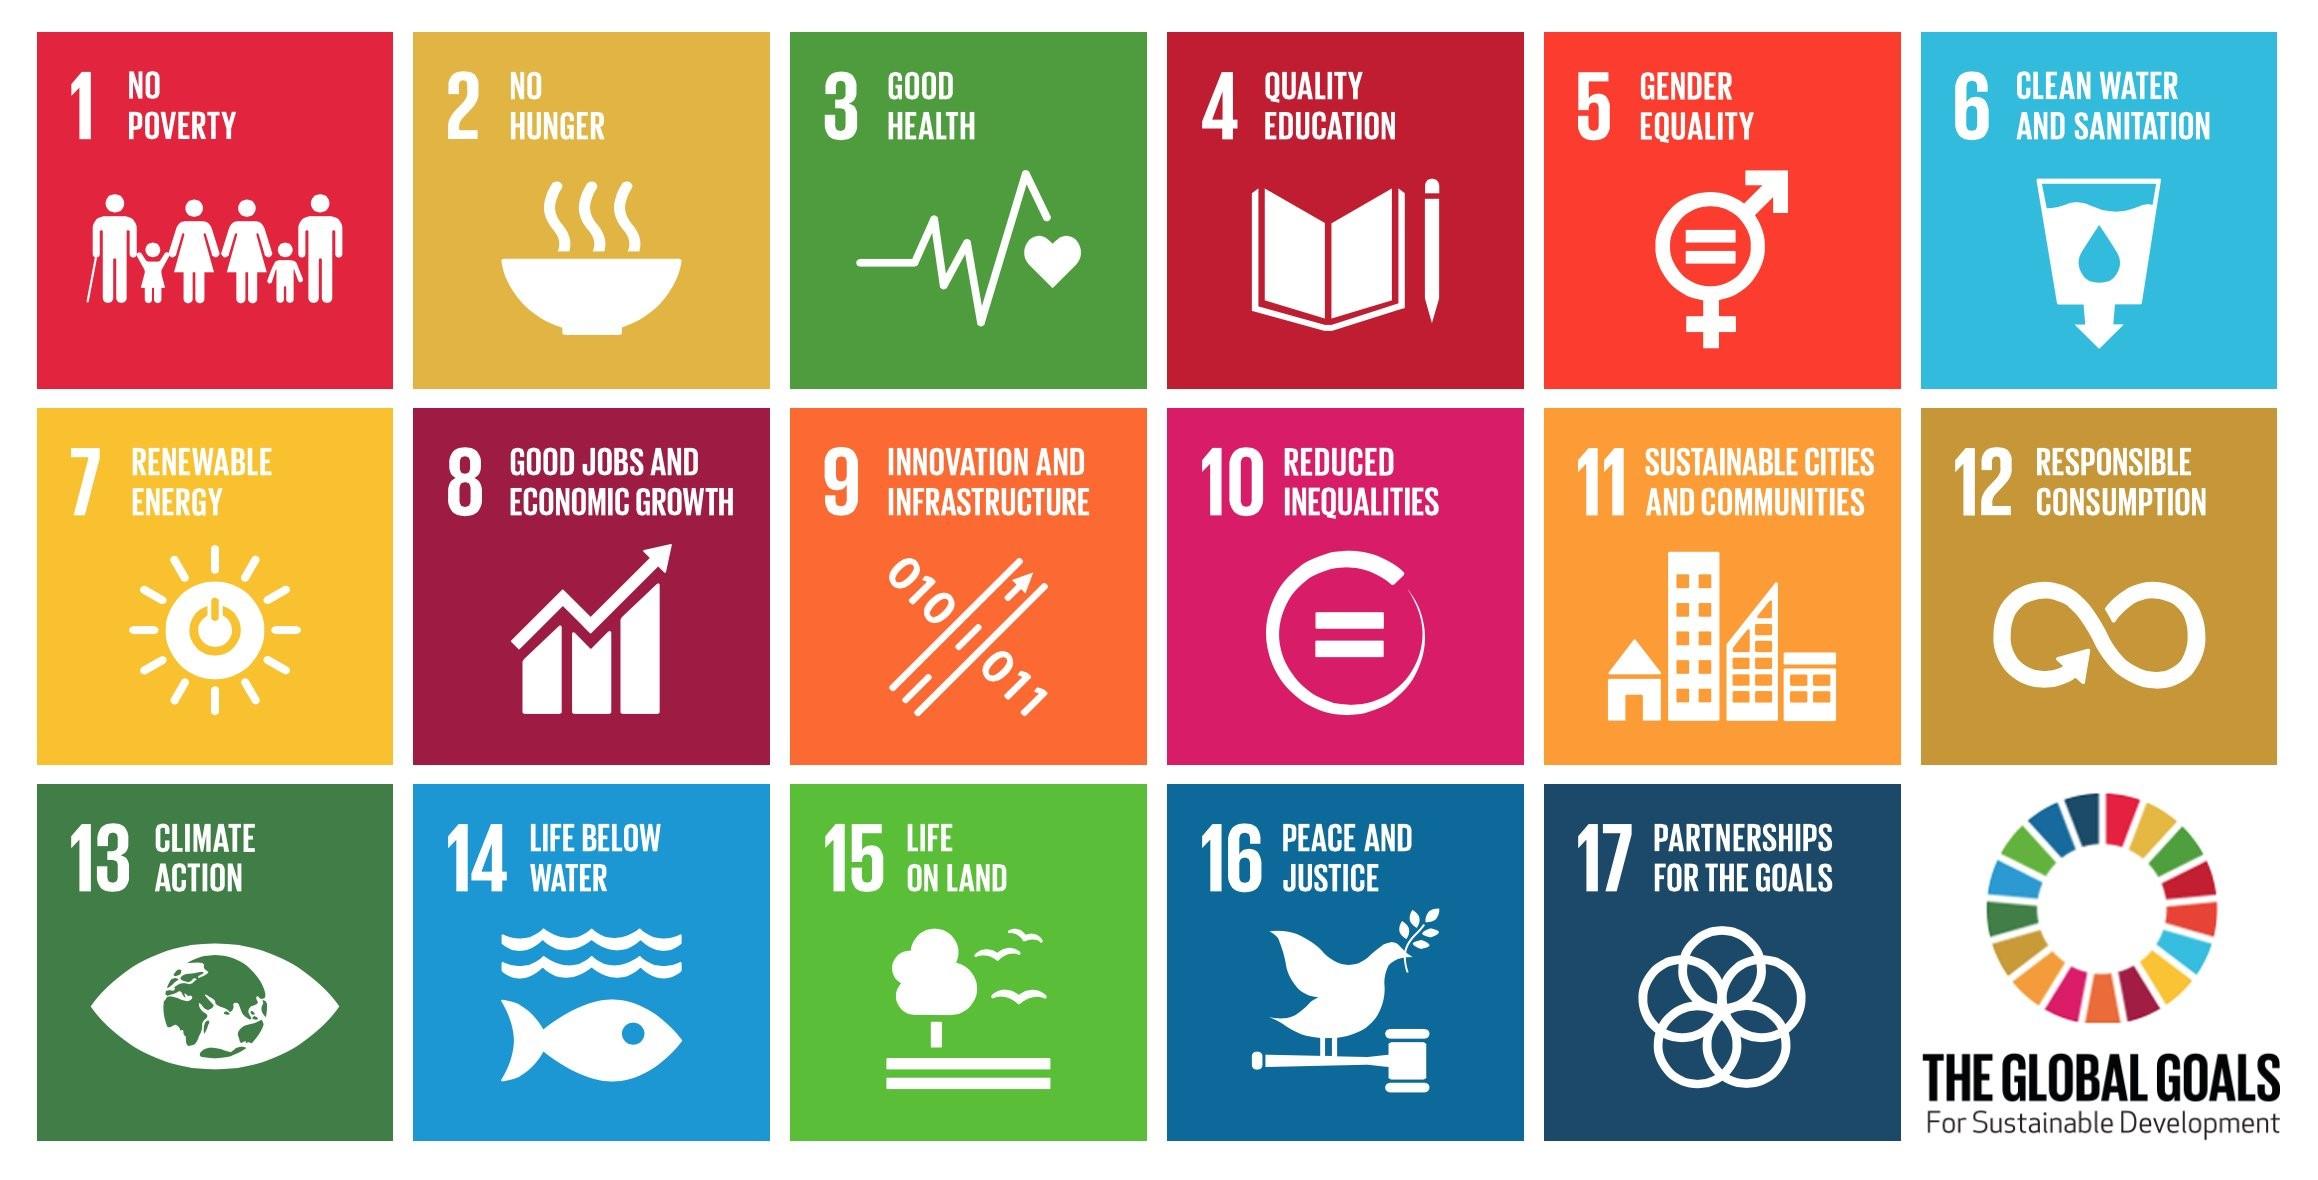 UN_goals